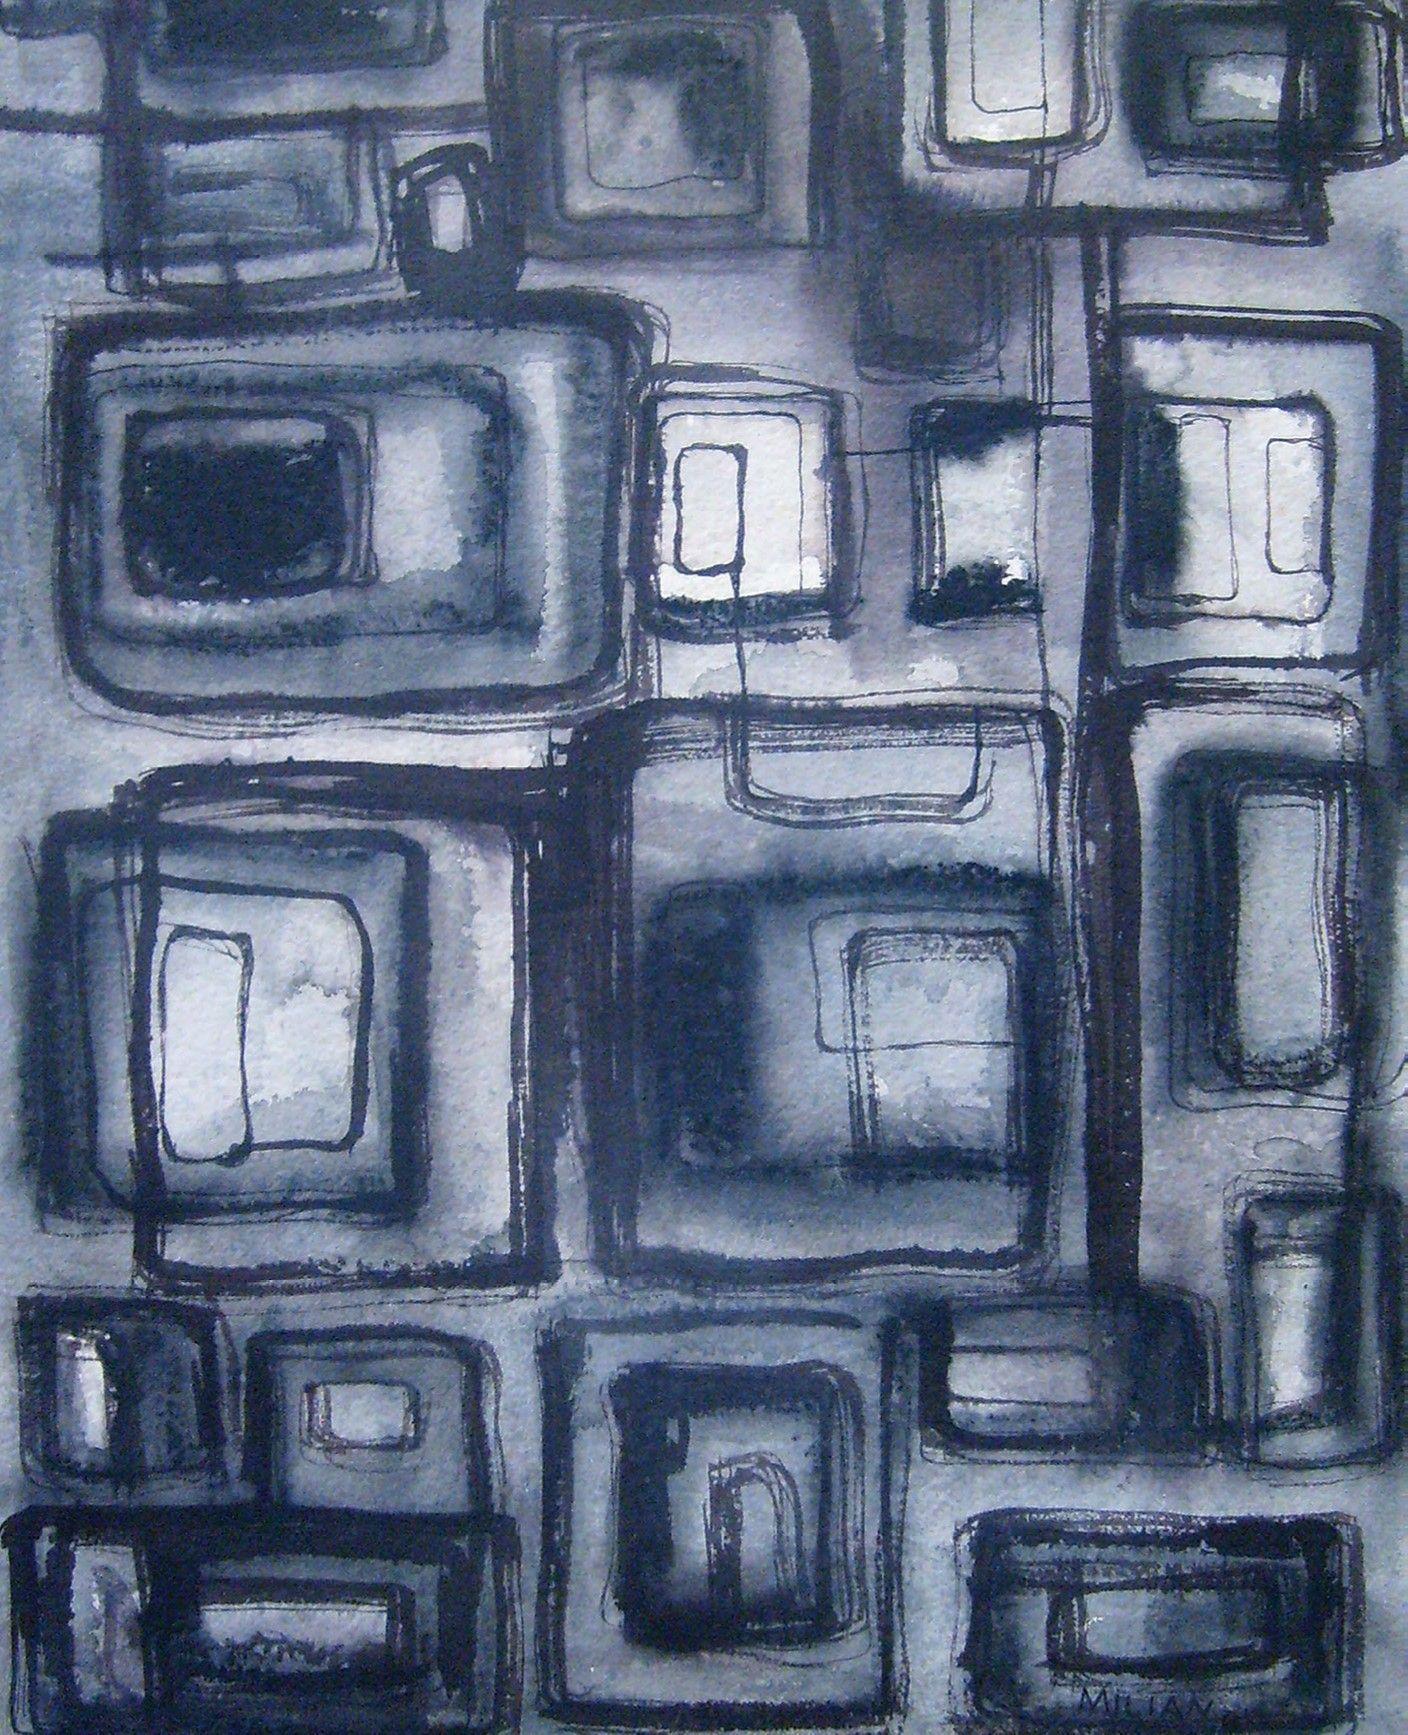 milián-abstracción